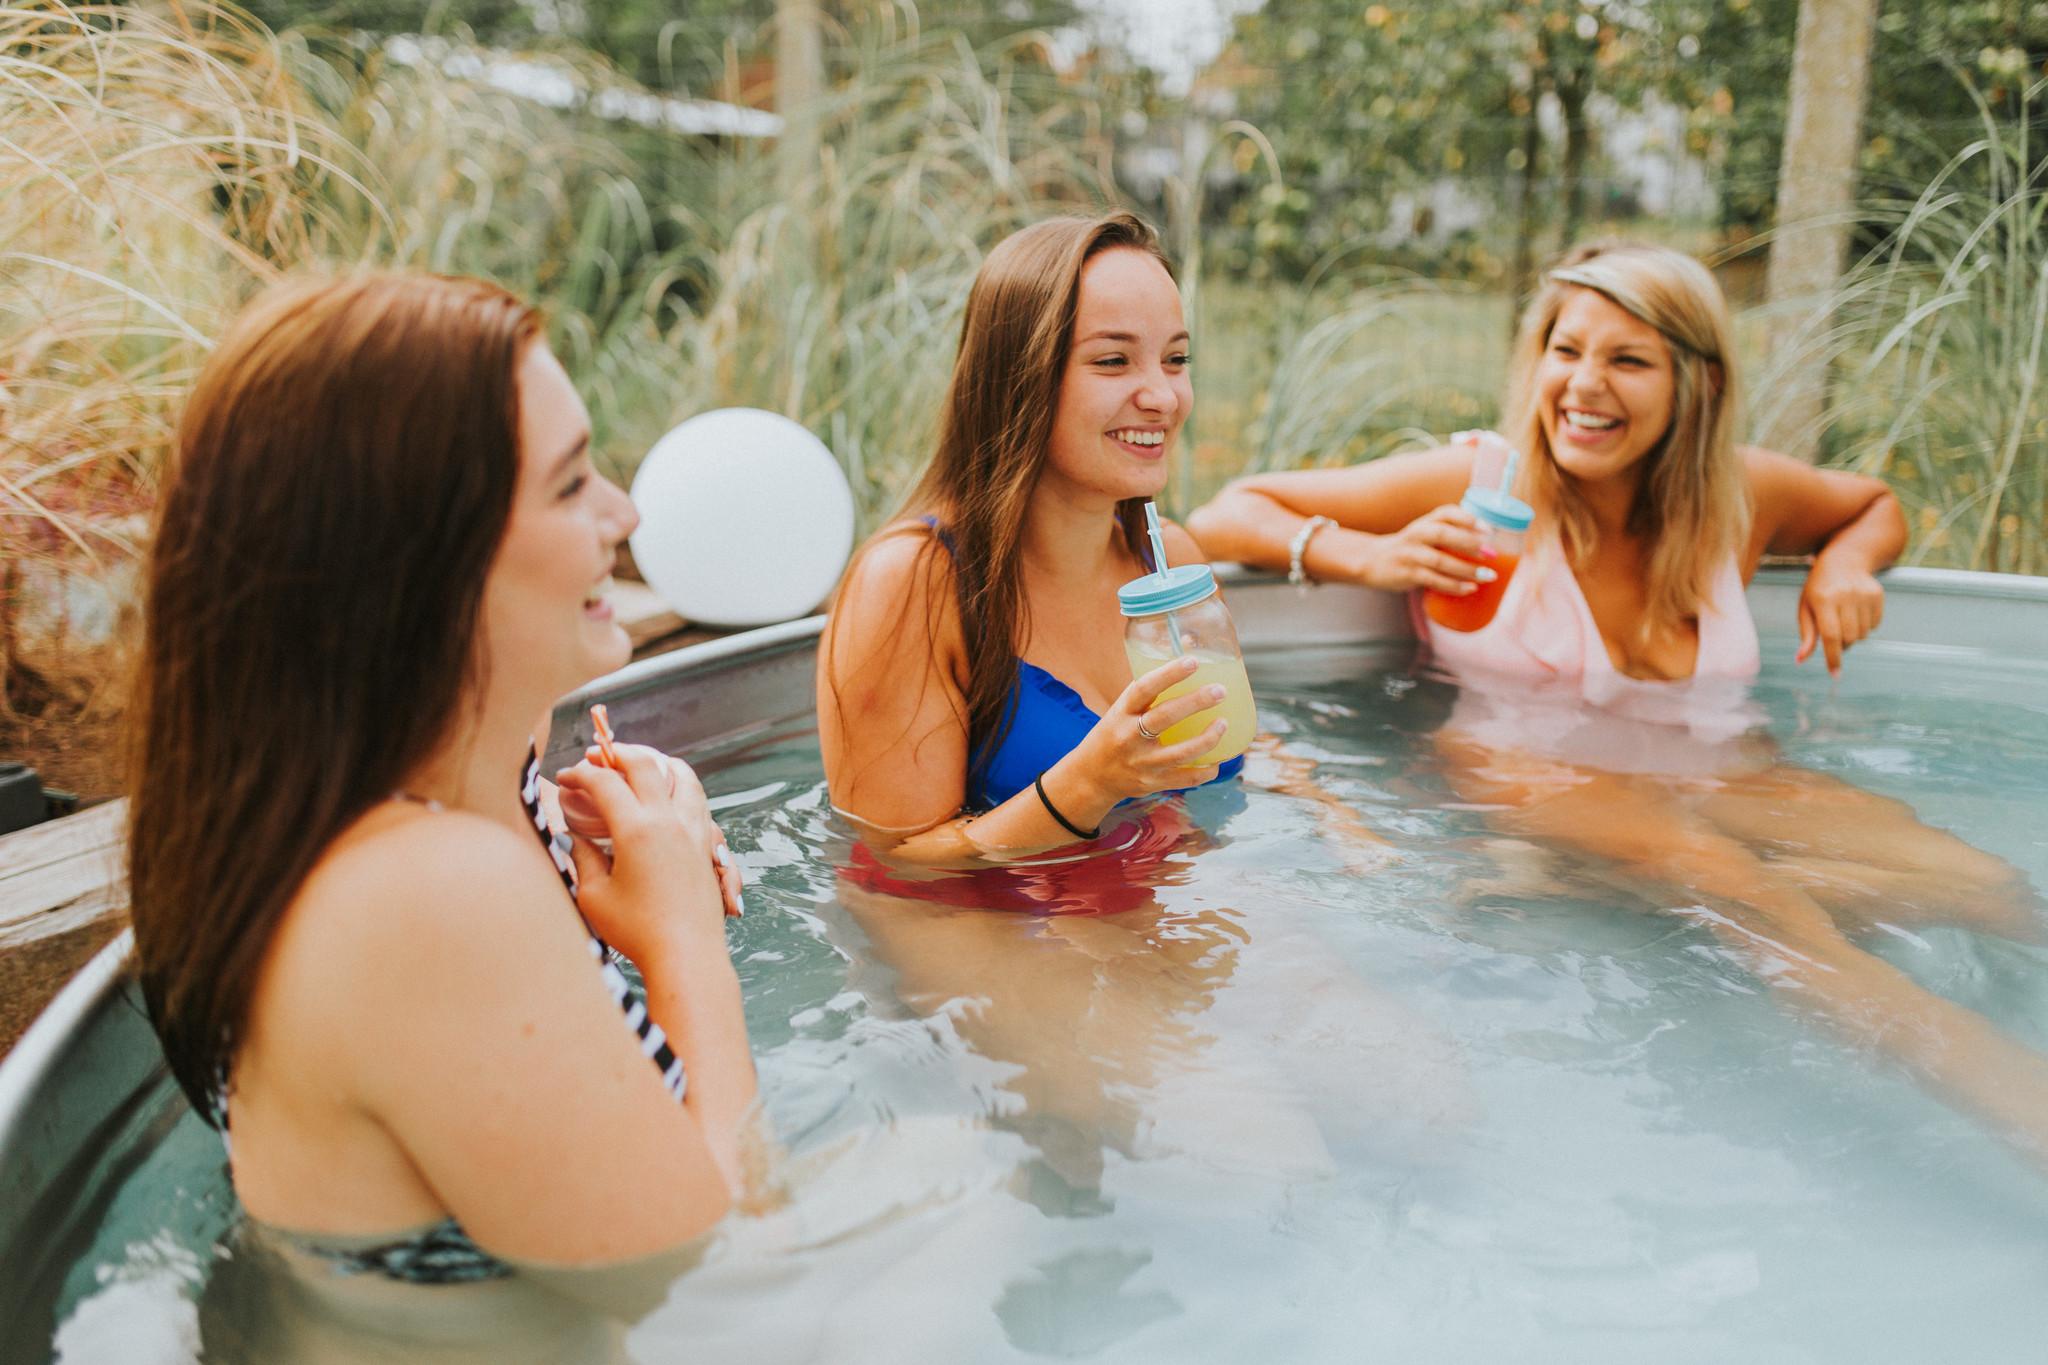 Tankkd Hot spring summer pack-4